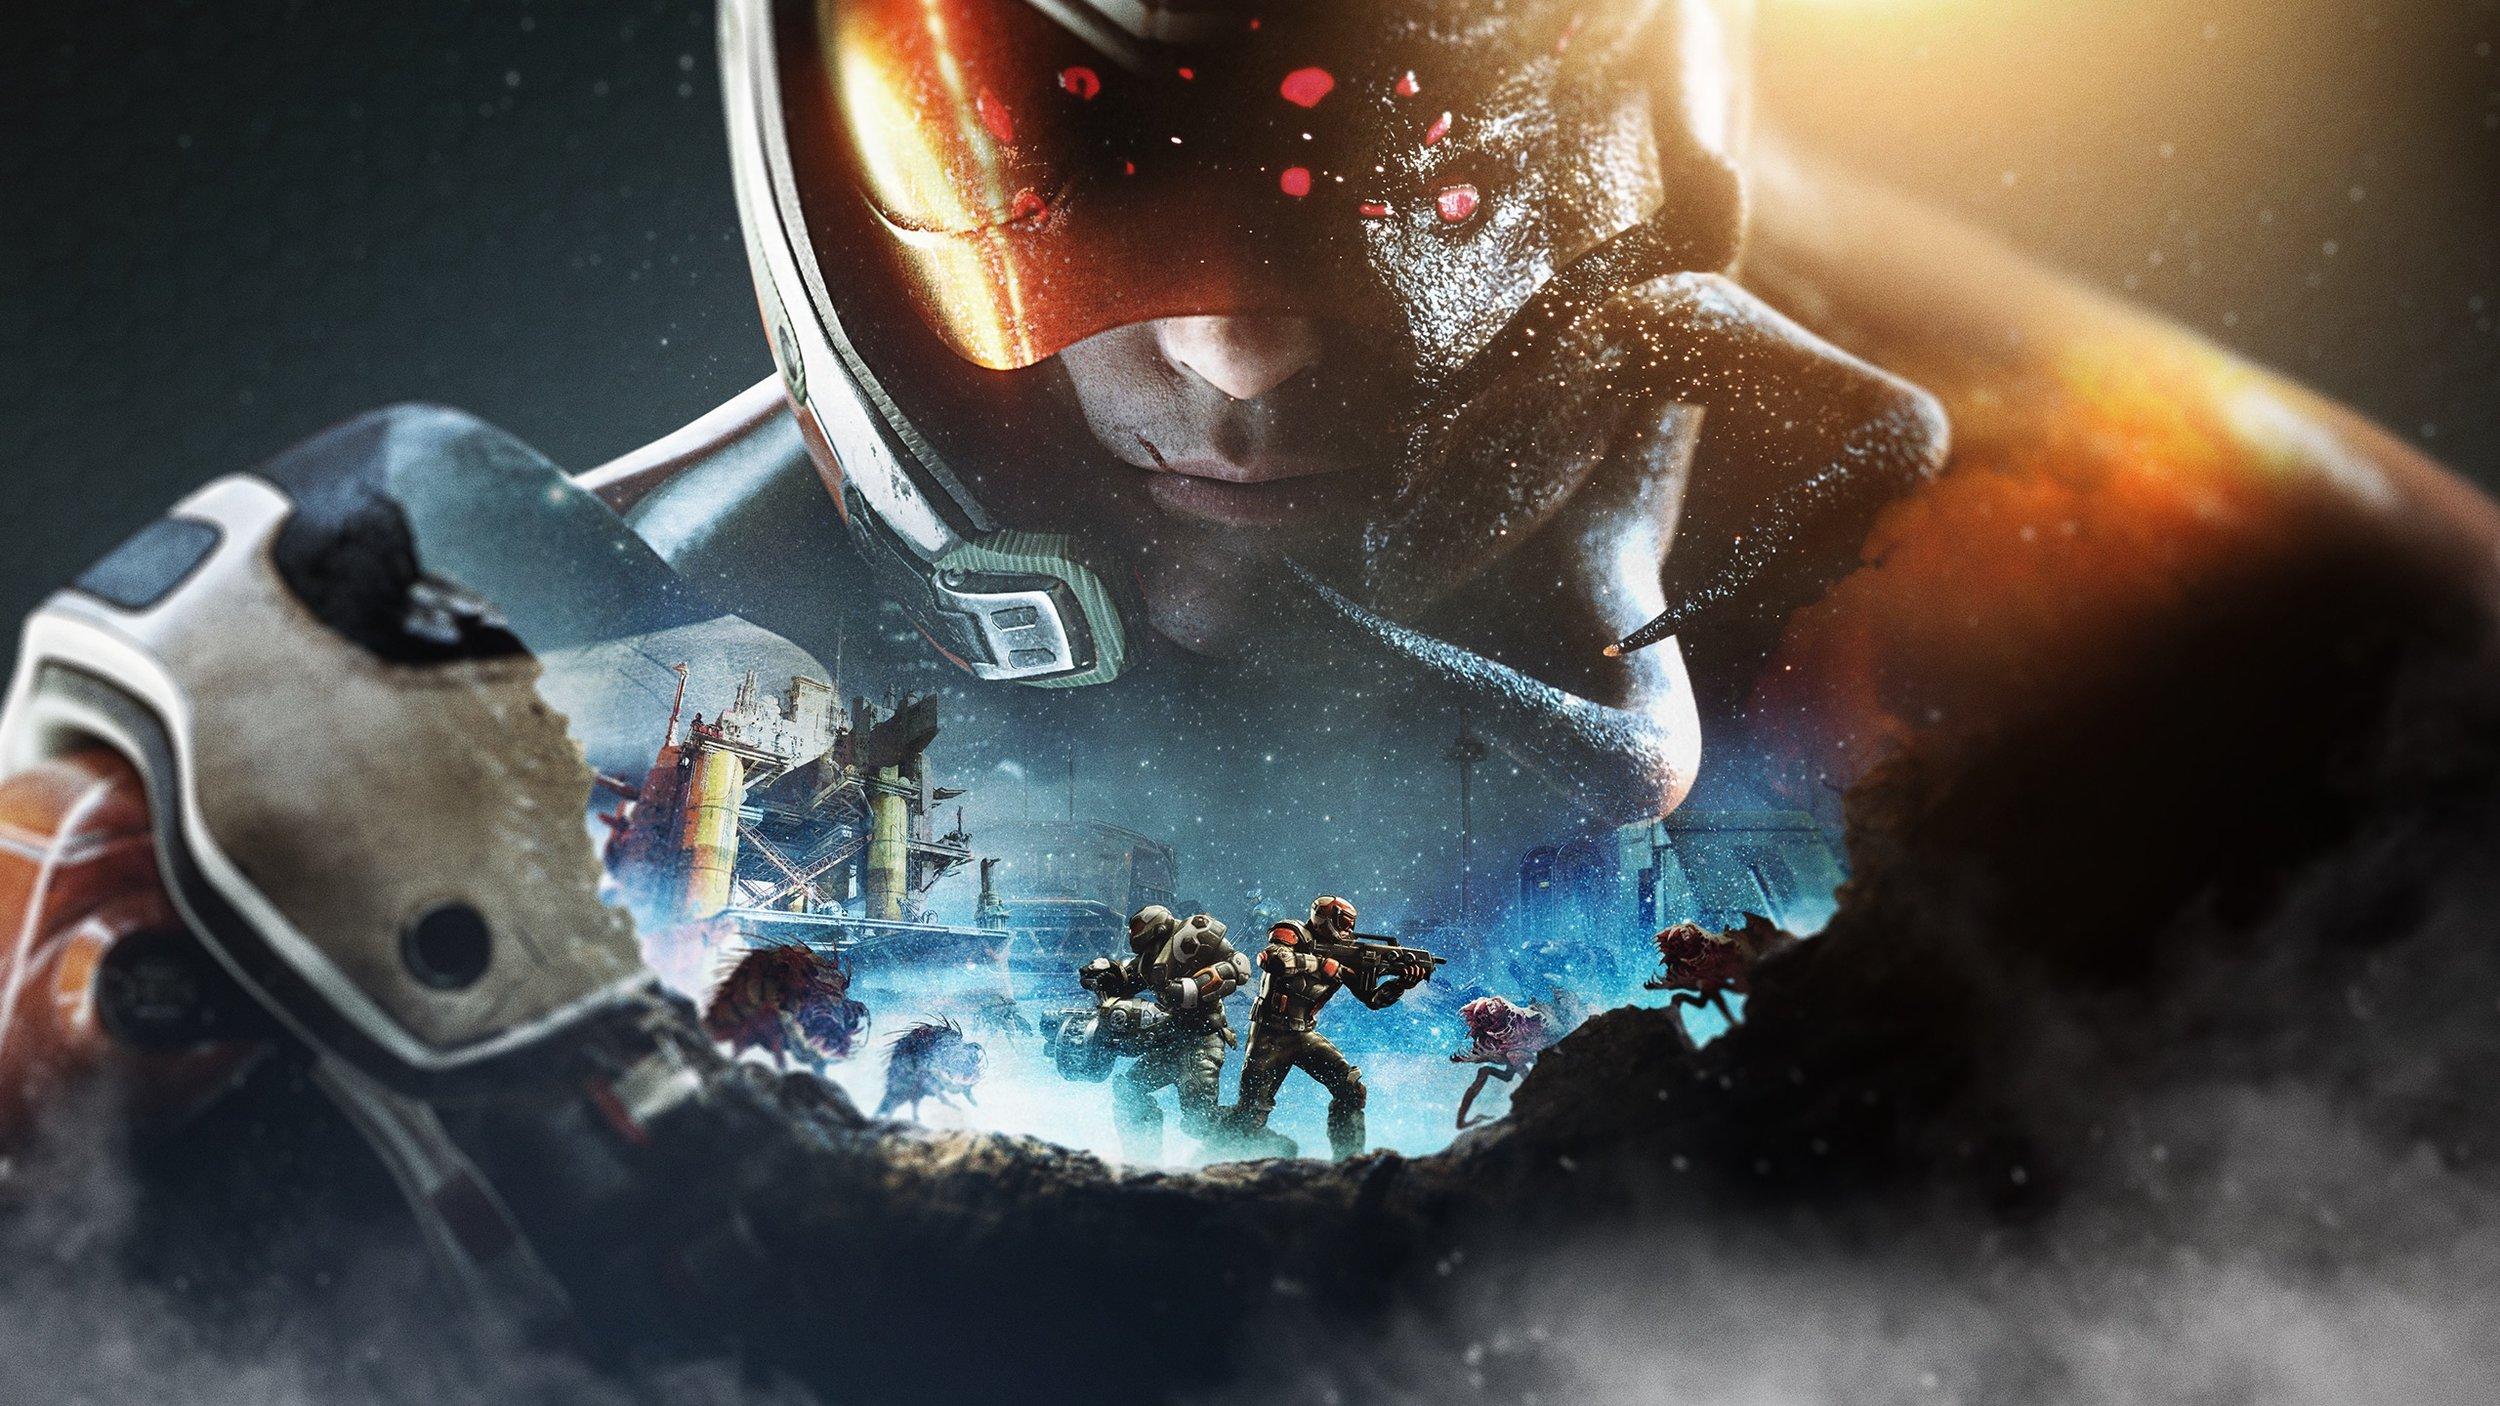 Xbox One verze Phoenix Point se opozdí, oznámena verze pro PS4